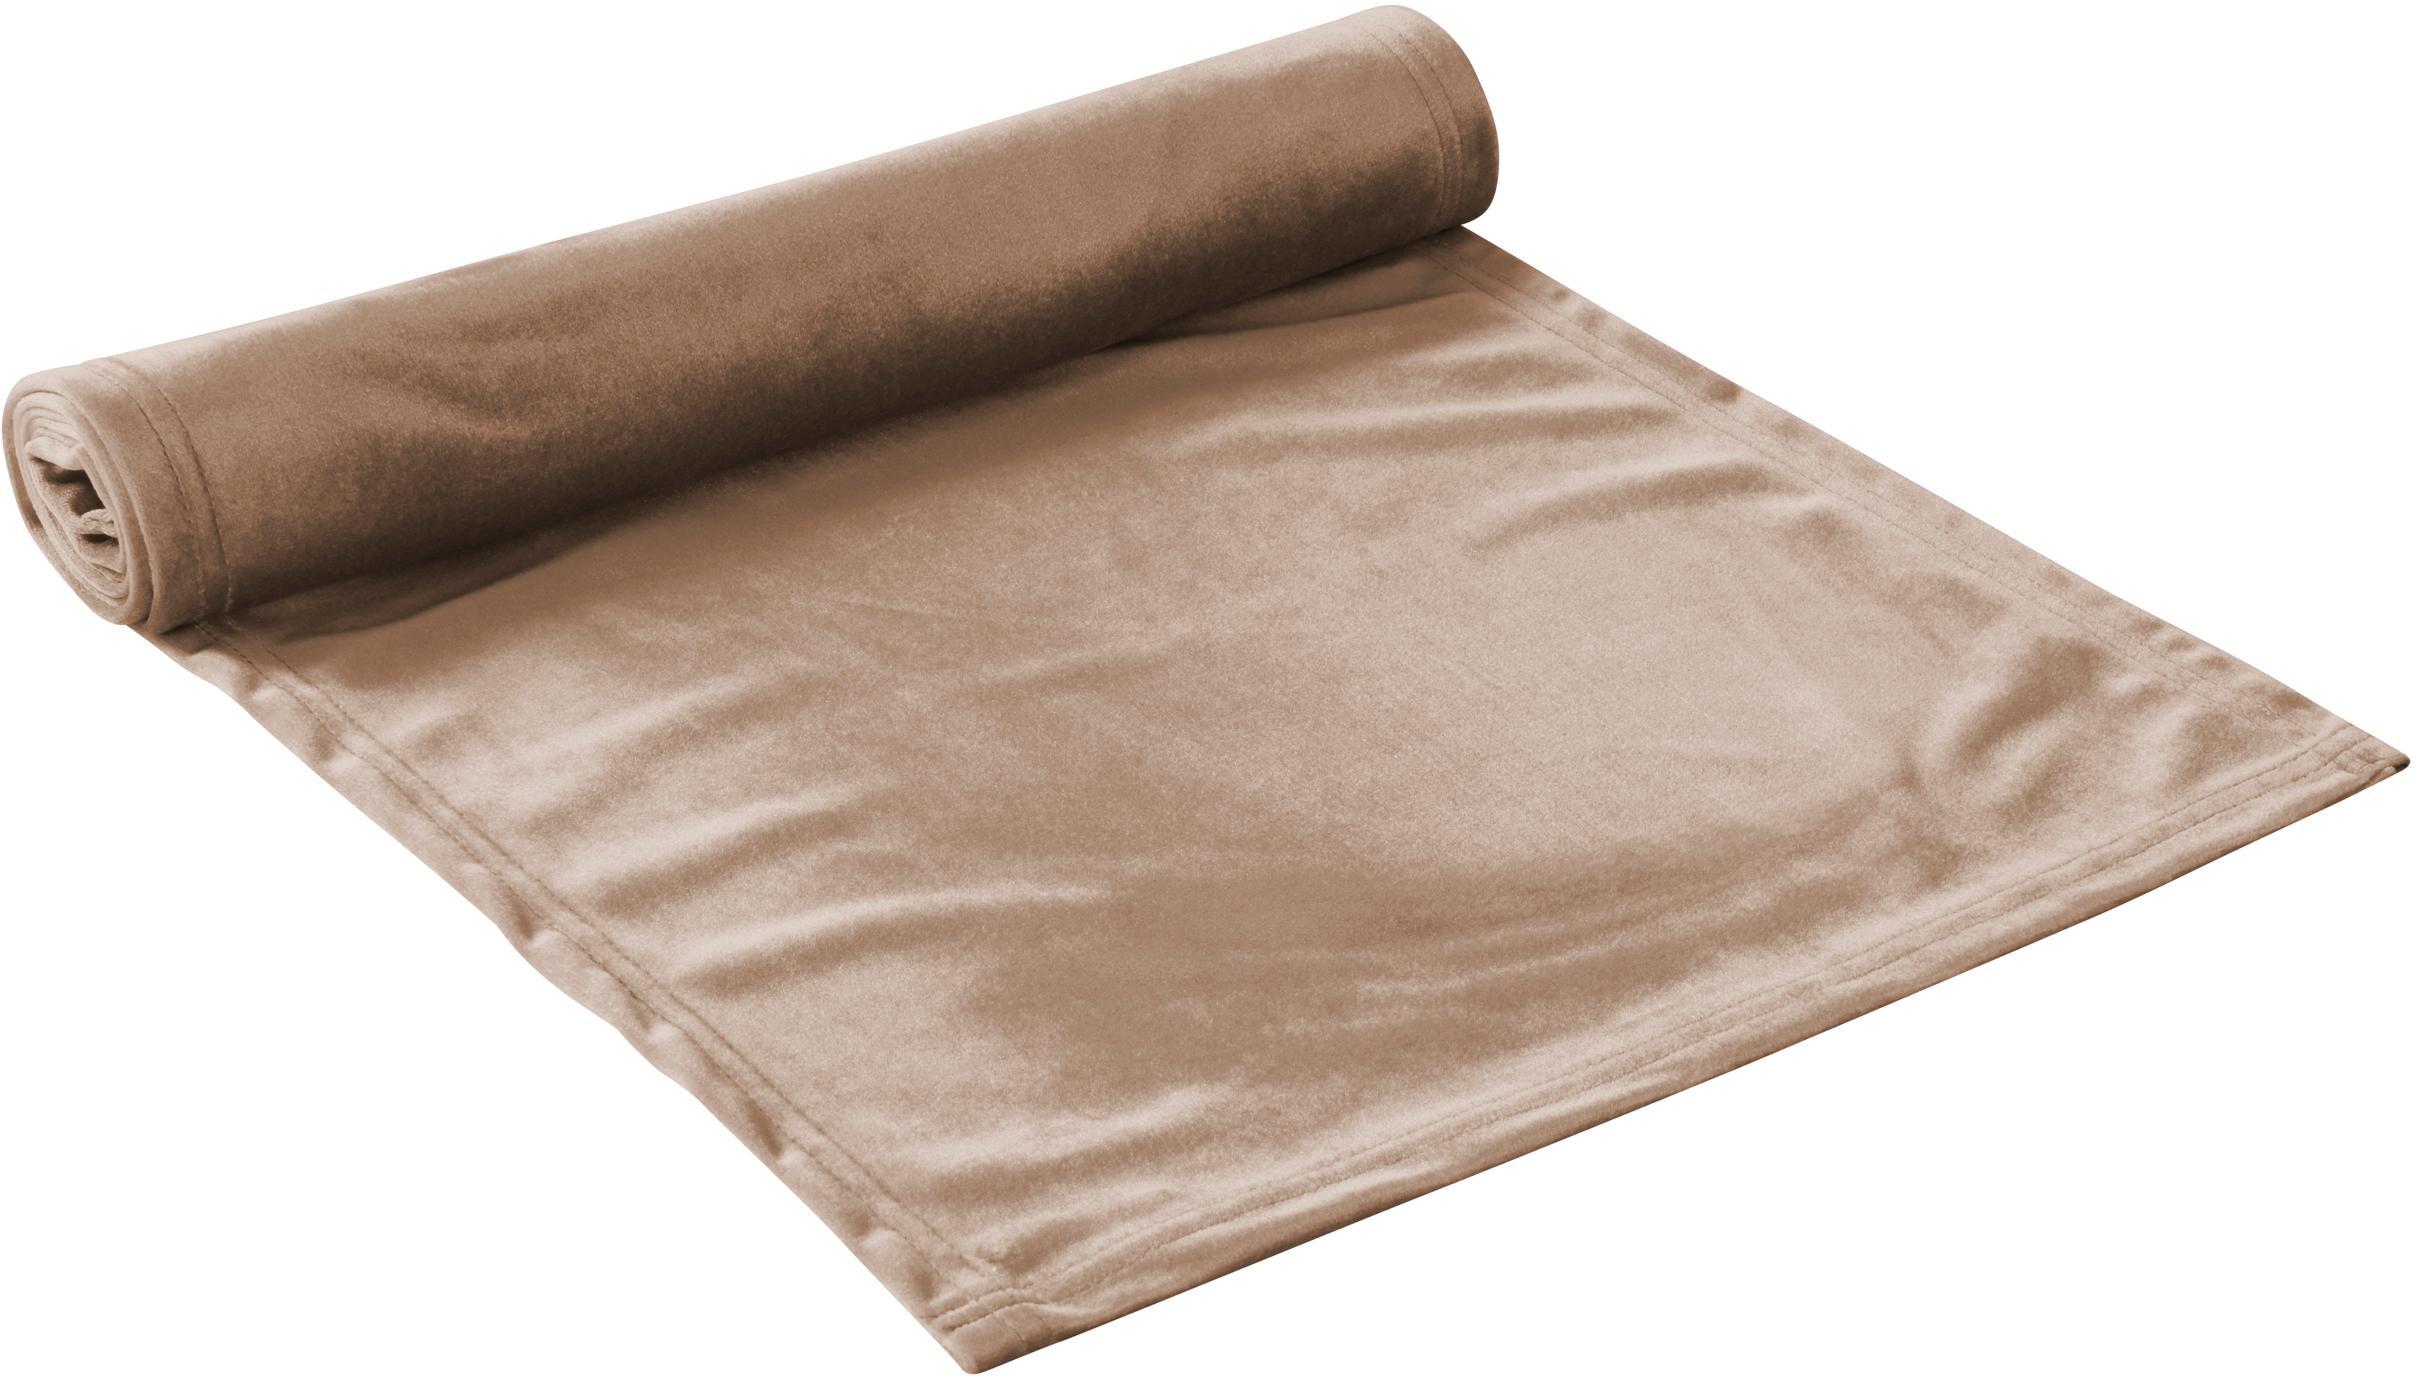 Fluwelen tafelloper Simone, 100% polyester fluweel, Beige, 40 x 140 cm